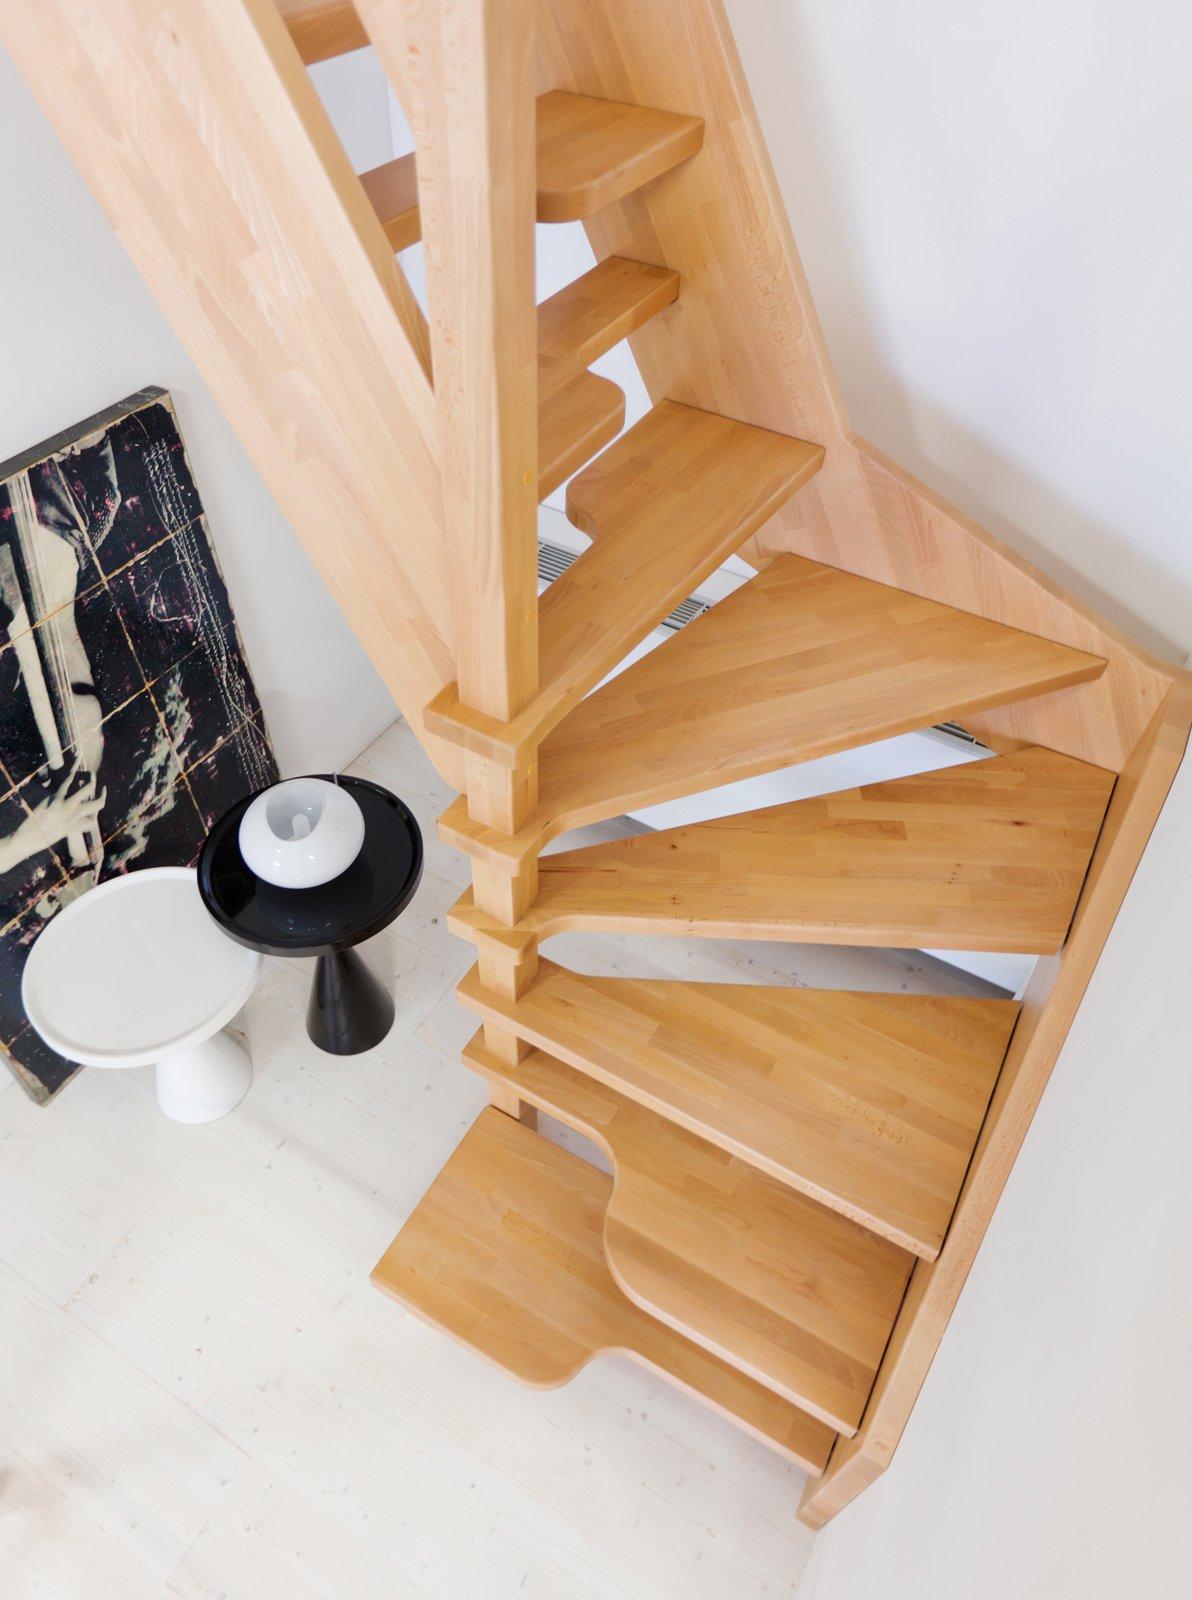 Comprare una scala prefabbricata cose di casa for Immagini scale in legno